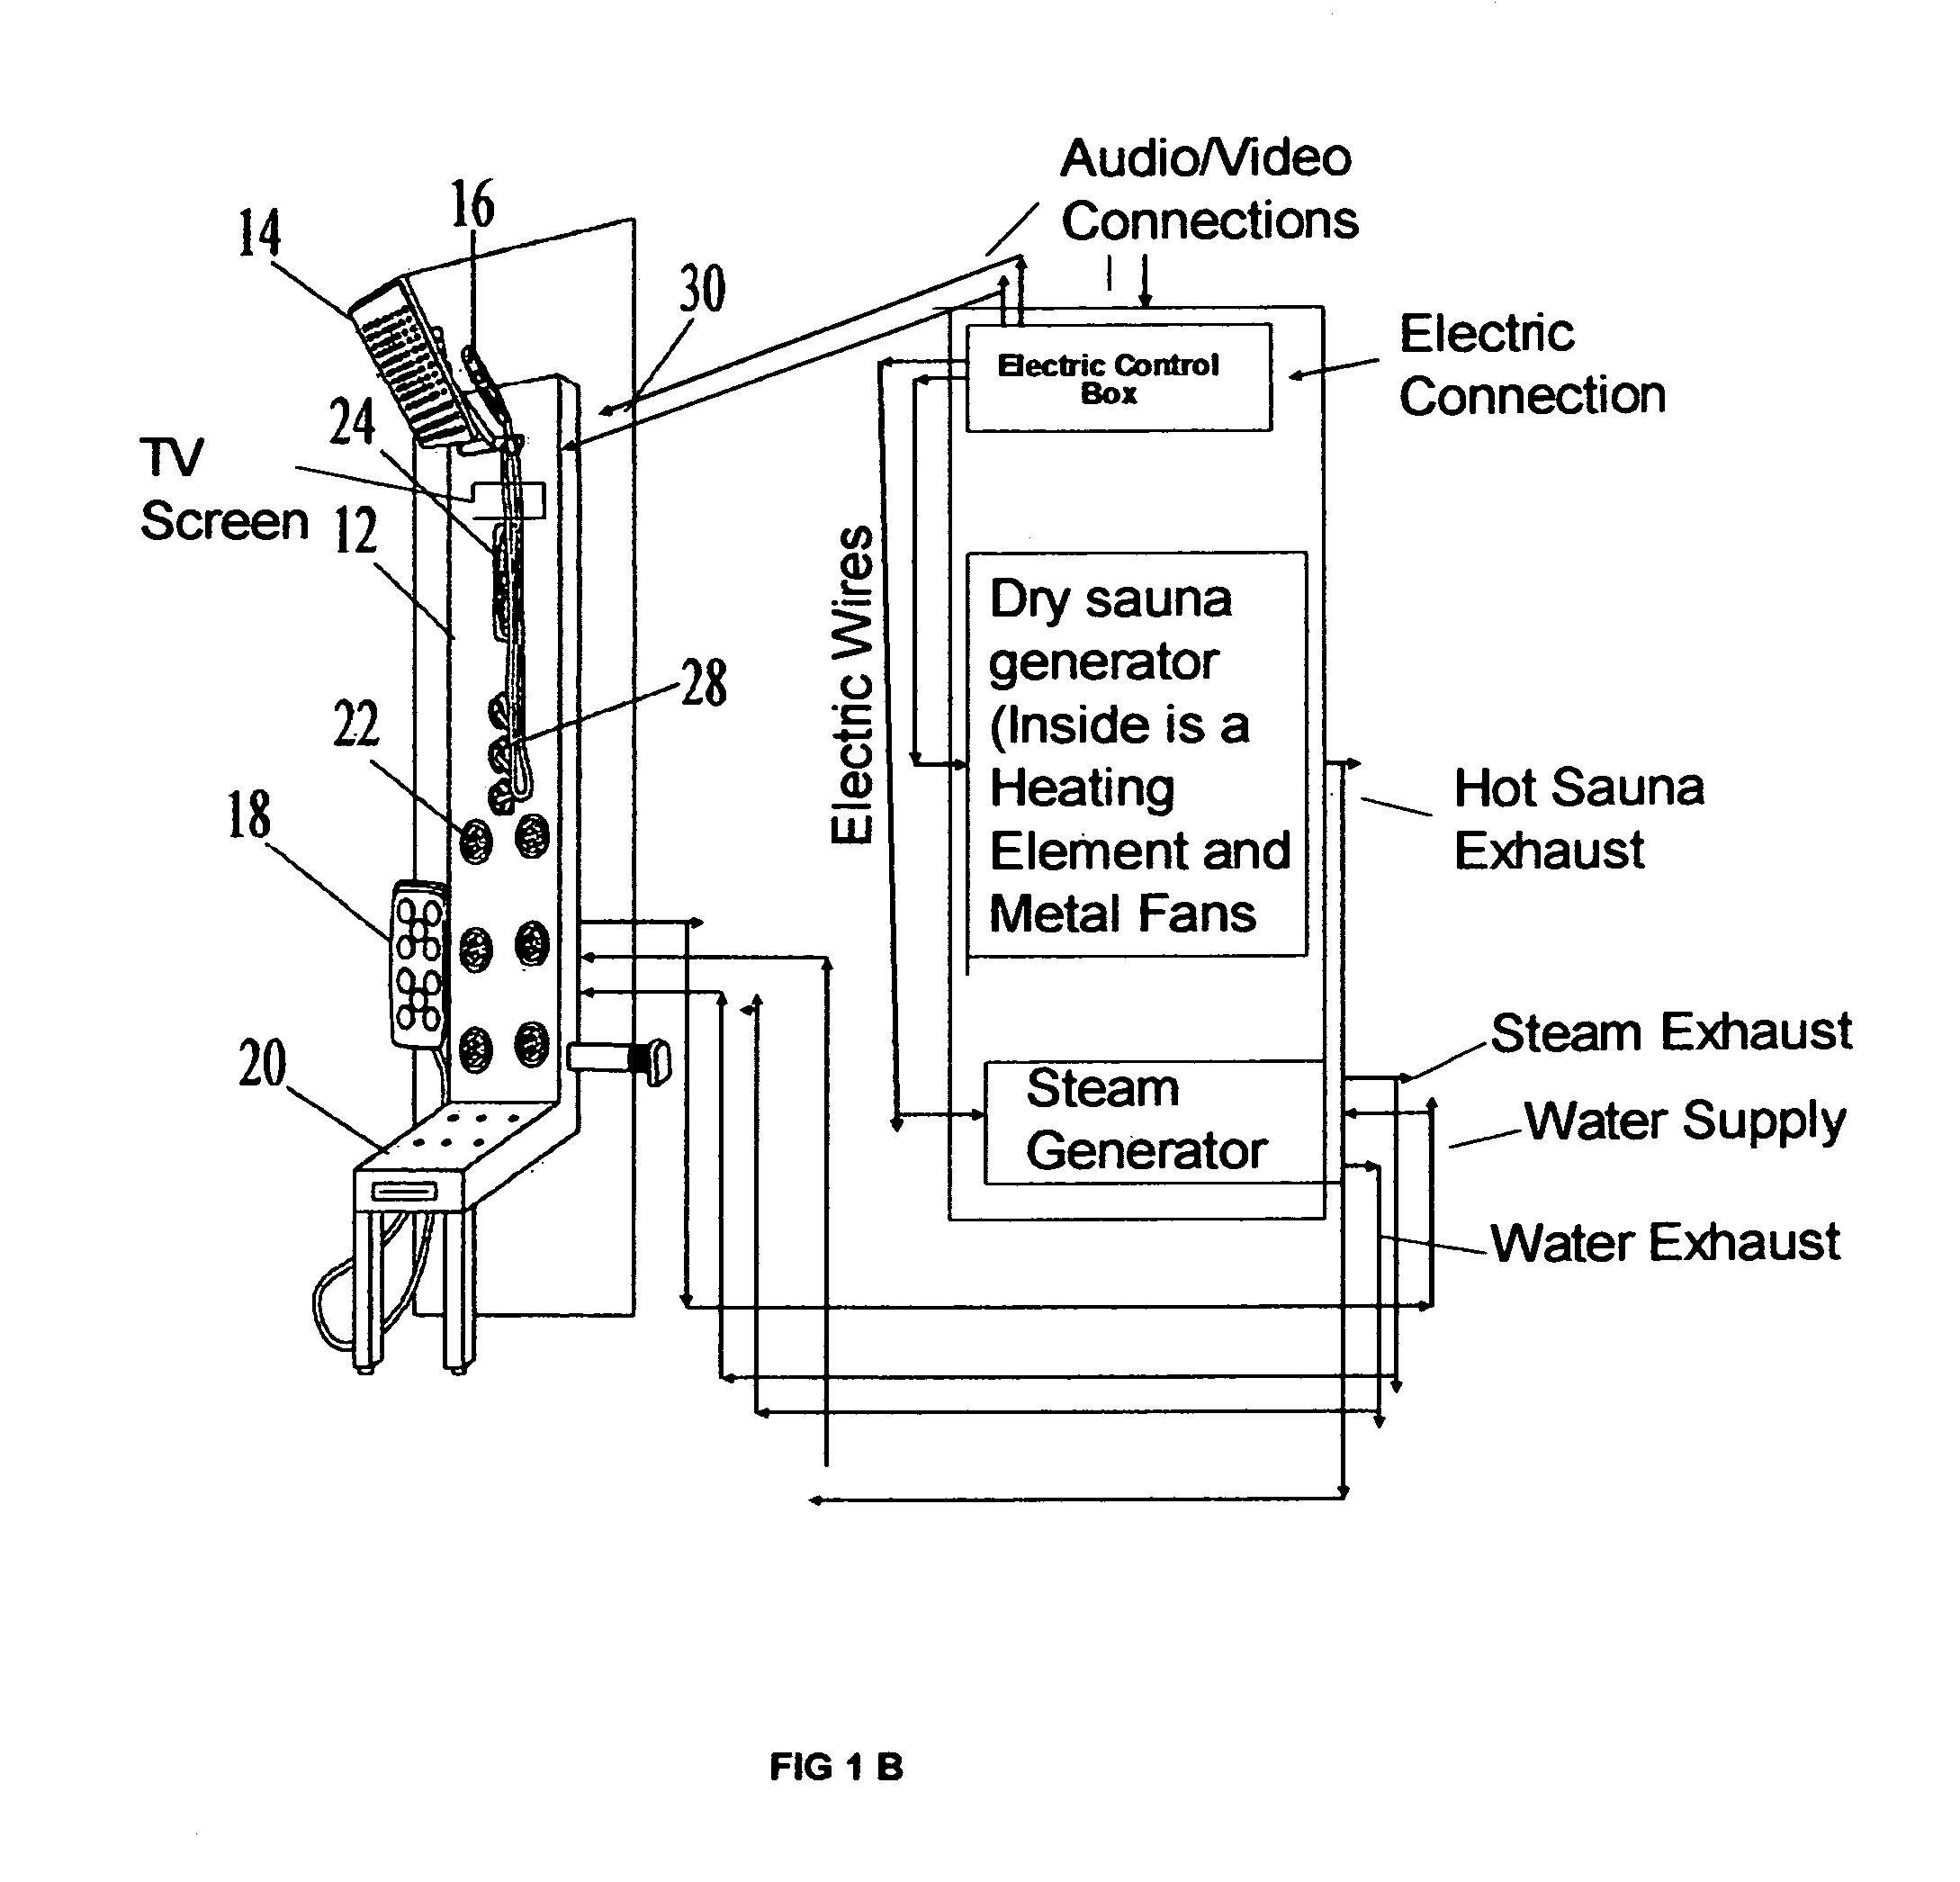 Hino Truck Parts Manual